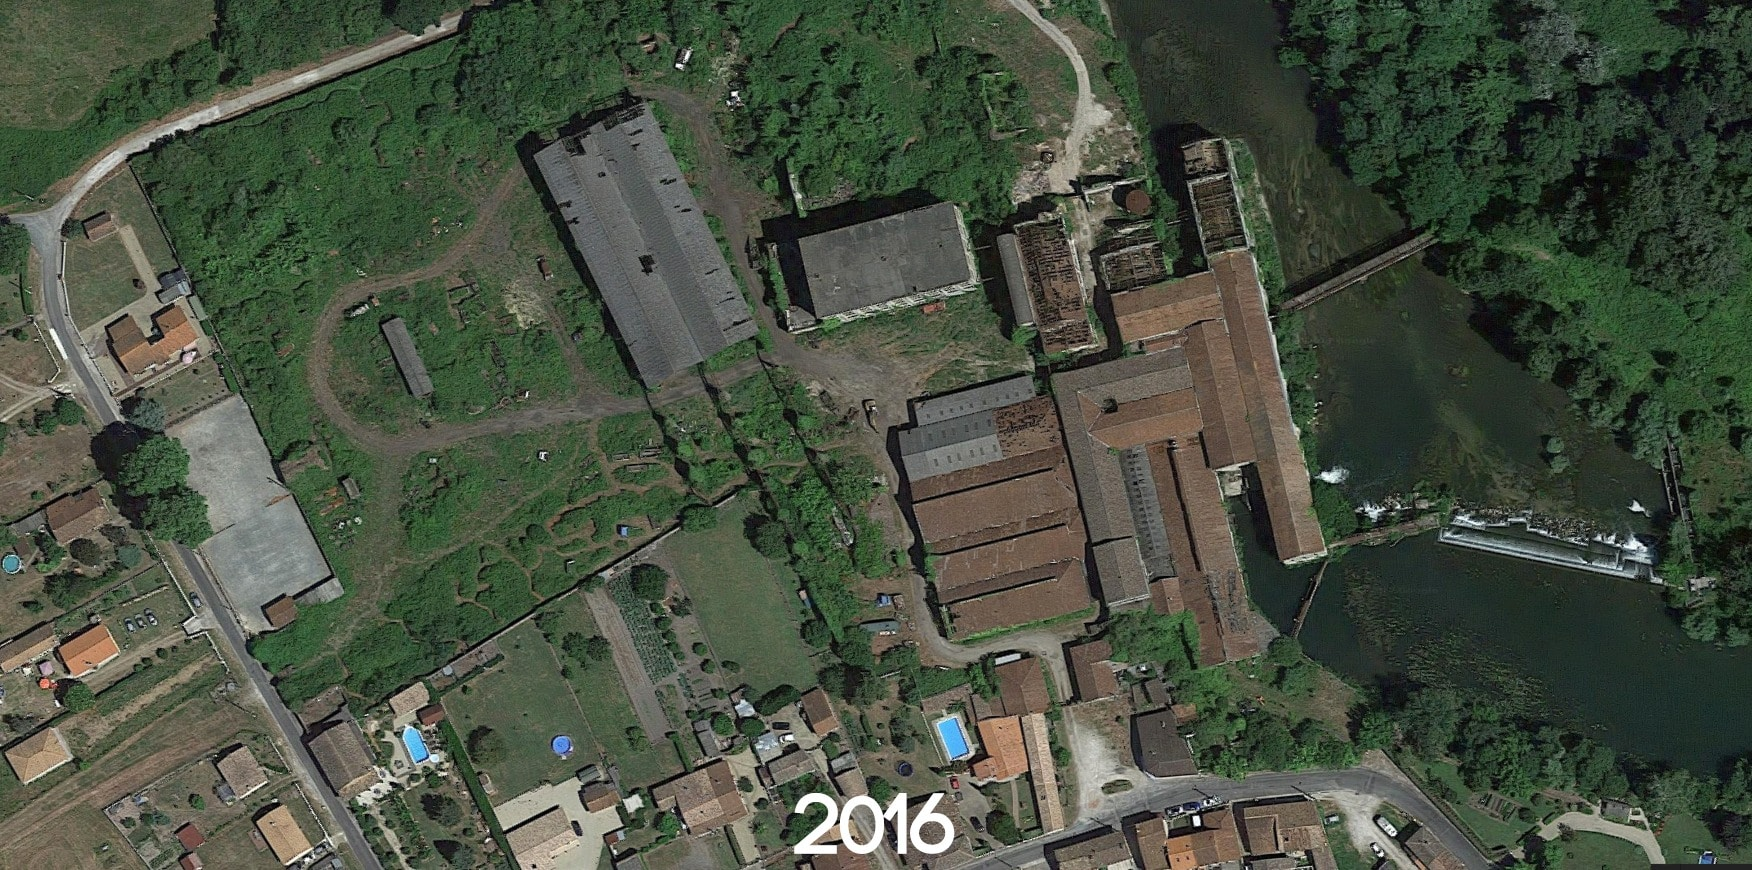 Usine abandonnée et cimetière de véhicules situés en Gironde   urbexsession.com/papeterie-vinet   Urbex France